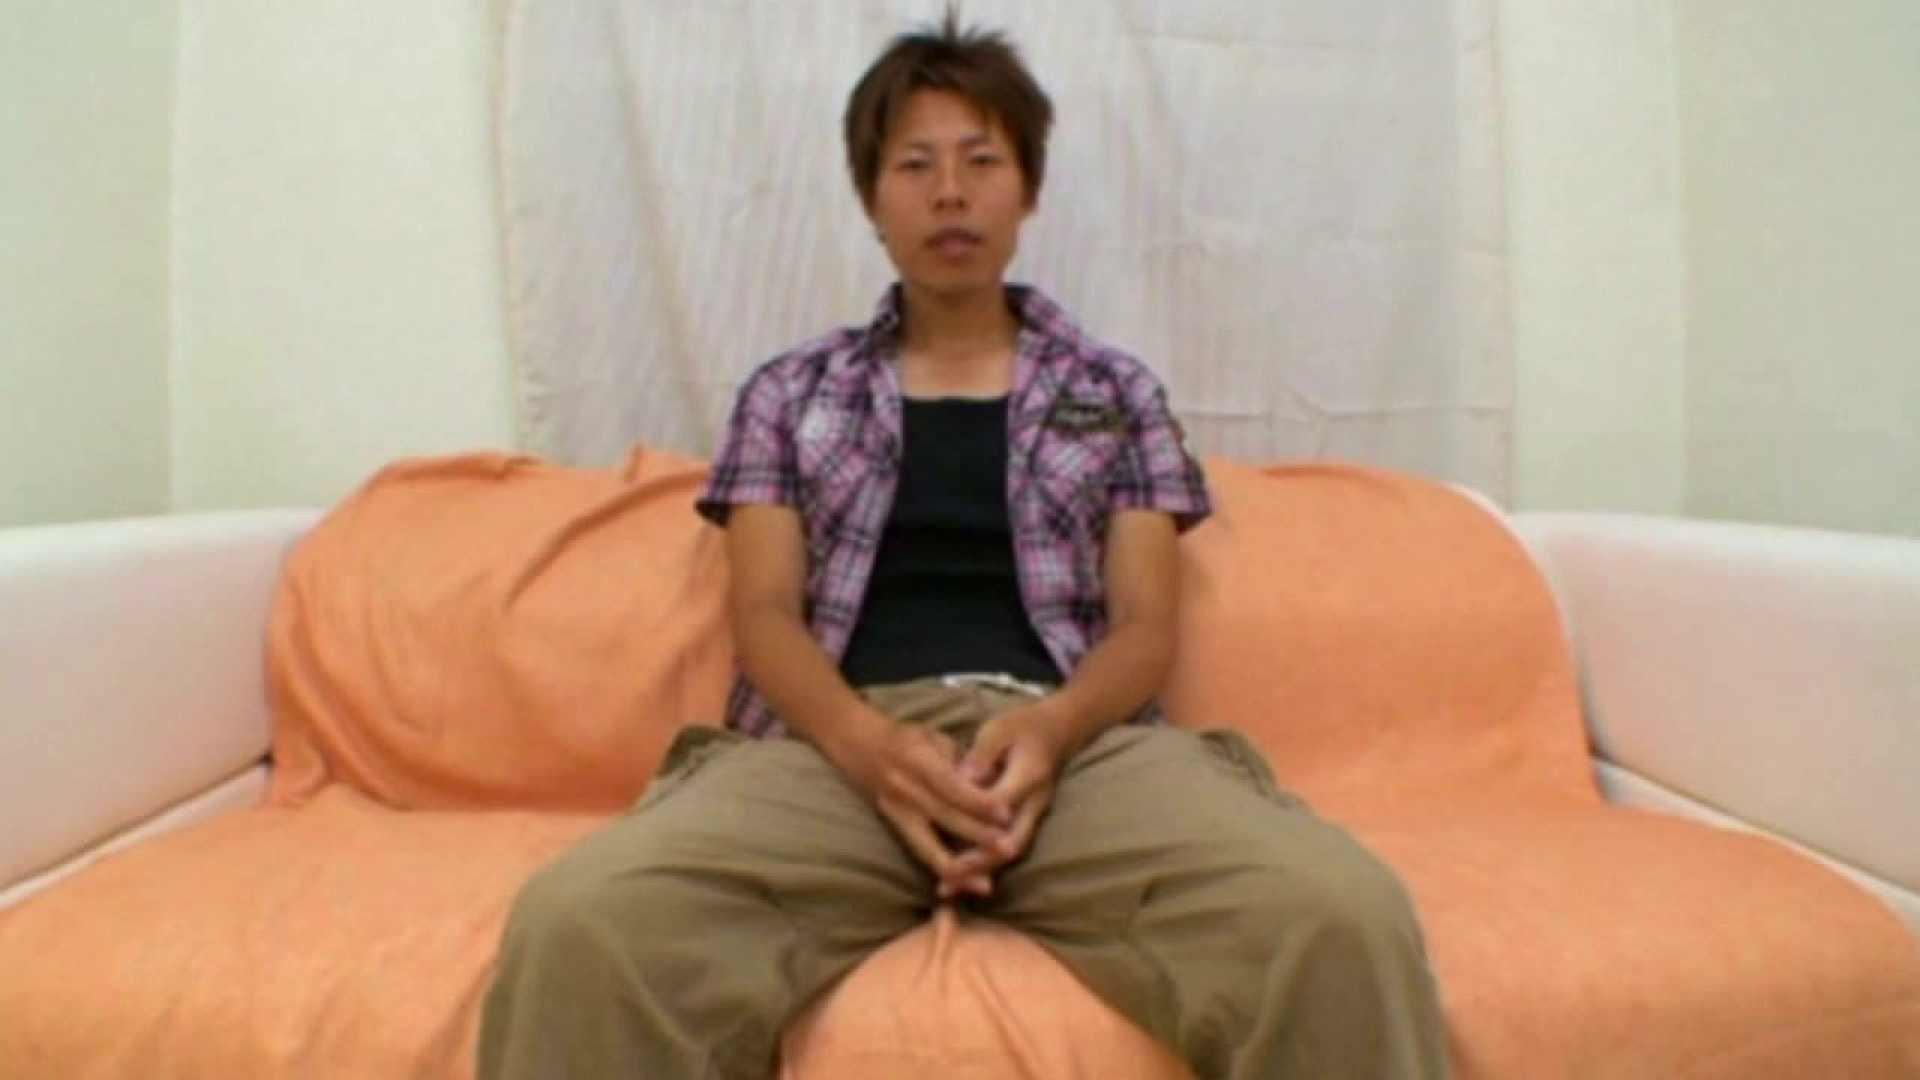 ノンケ!自慰スタジオ No.10 自慰シーン エロビデオ紹介 103枚 29